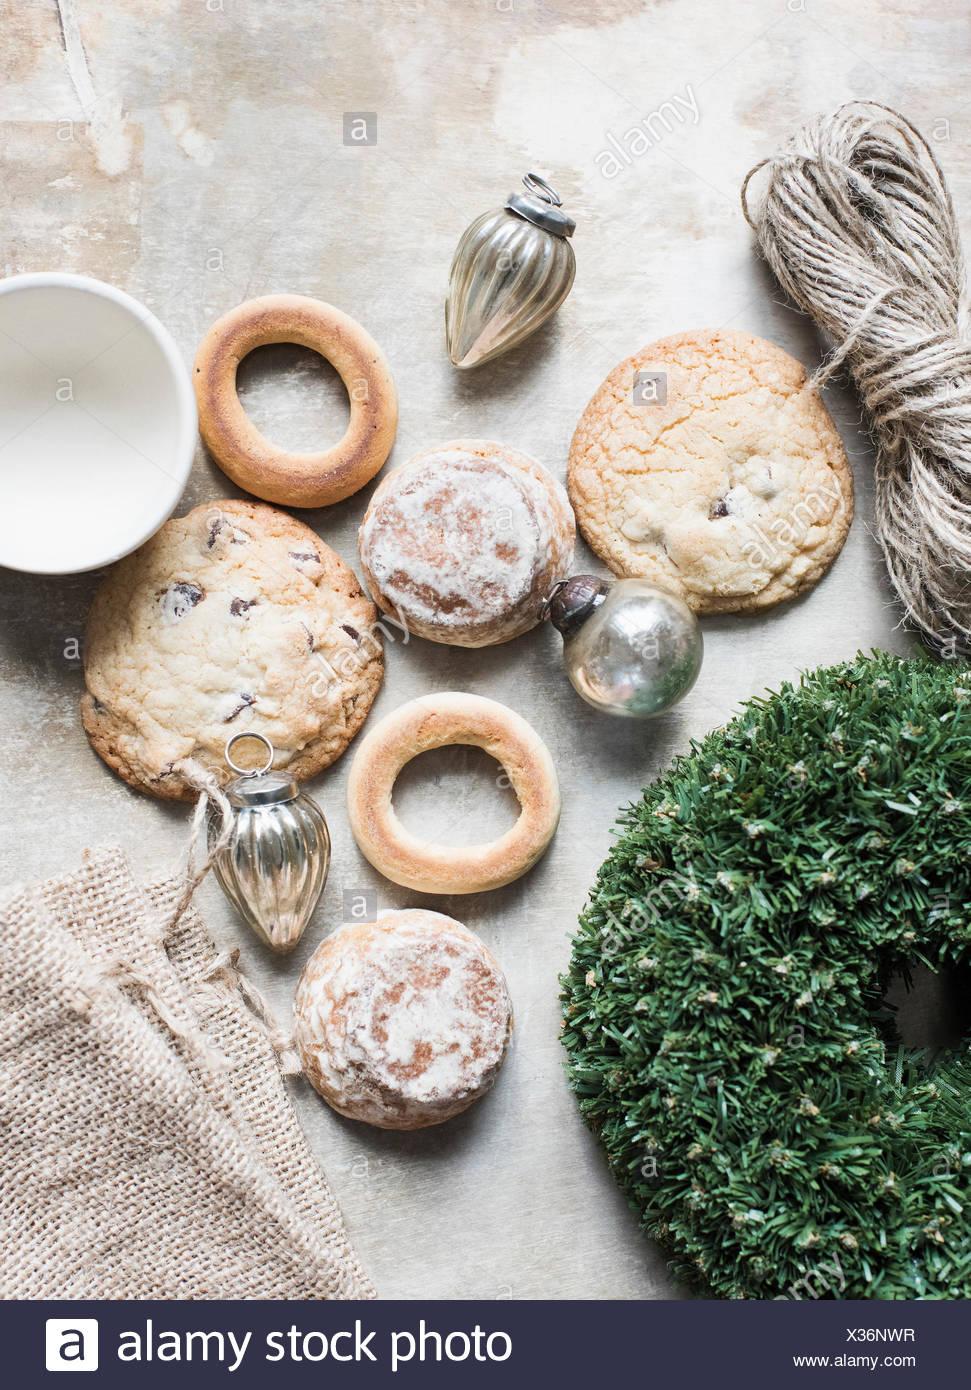 Vista aérea de plata bolas de Navidad y galletas recién horneadas y bagels Imagen De Stock